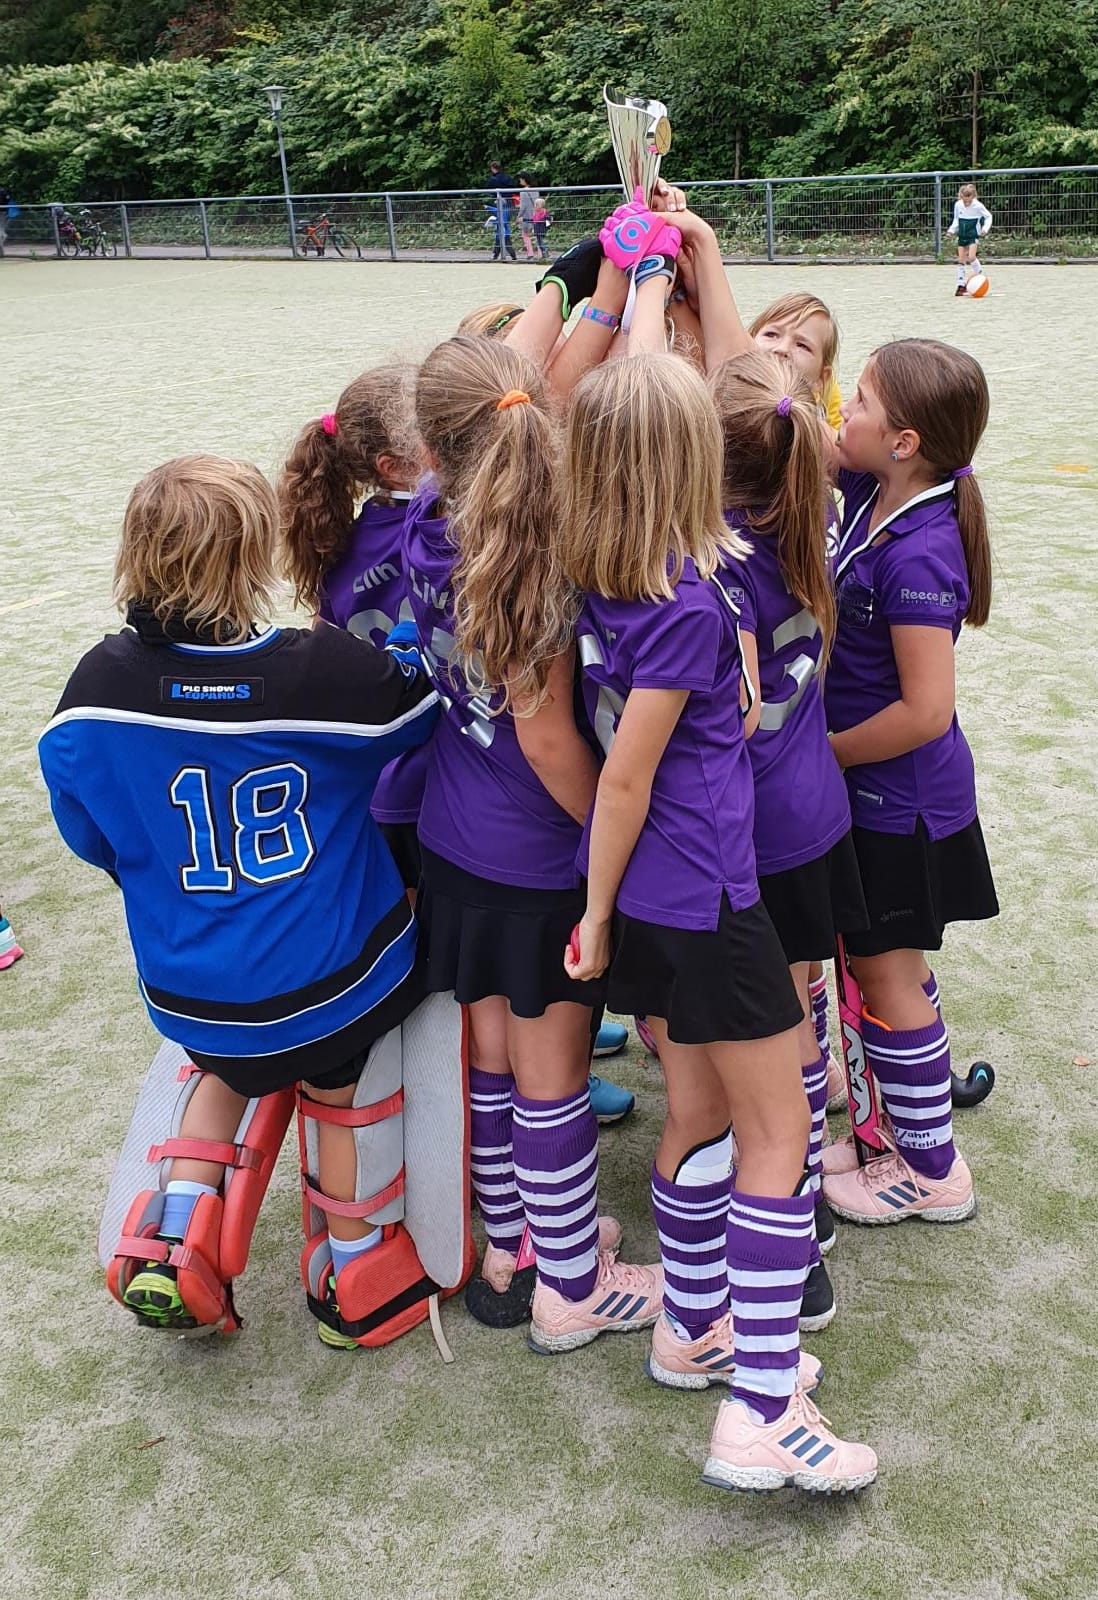 Mädchen D holen 2. Platz bei Revierkraft Trophy